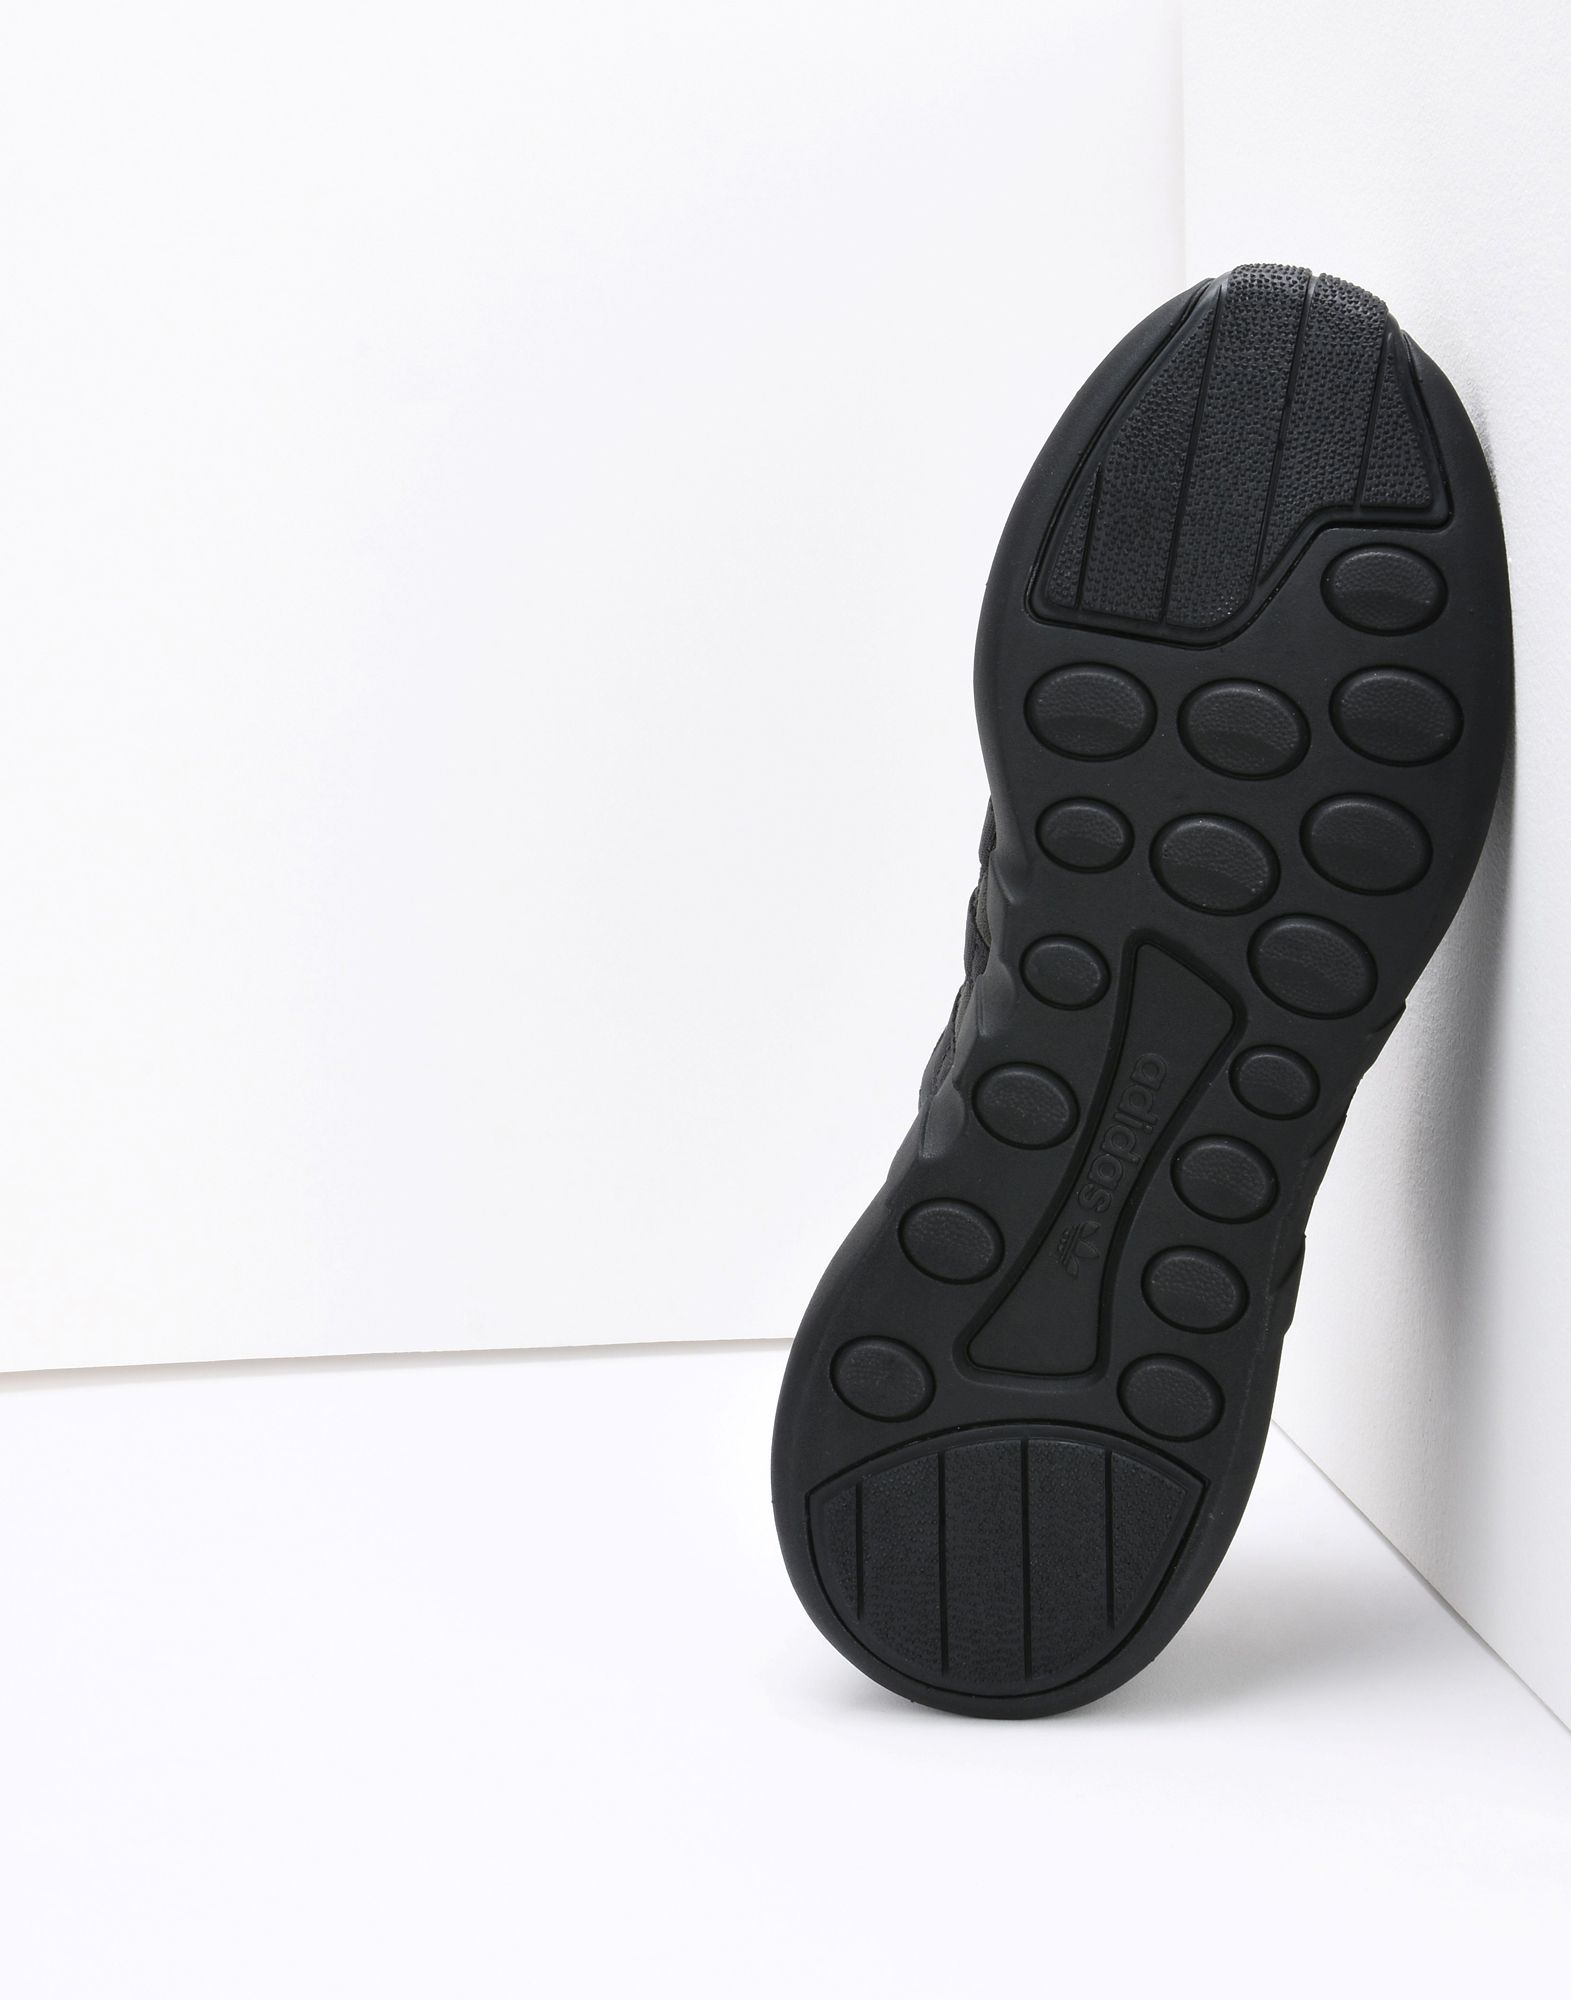 Adidas Originals Eqt Support Adv Gutes Preis-Leistungs-Verhältnis, lohnt es lohnt Preis-Leistungs-Verhältnis, sich a6f538